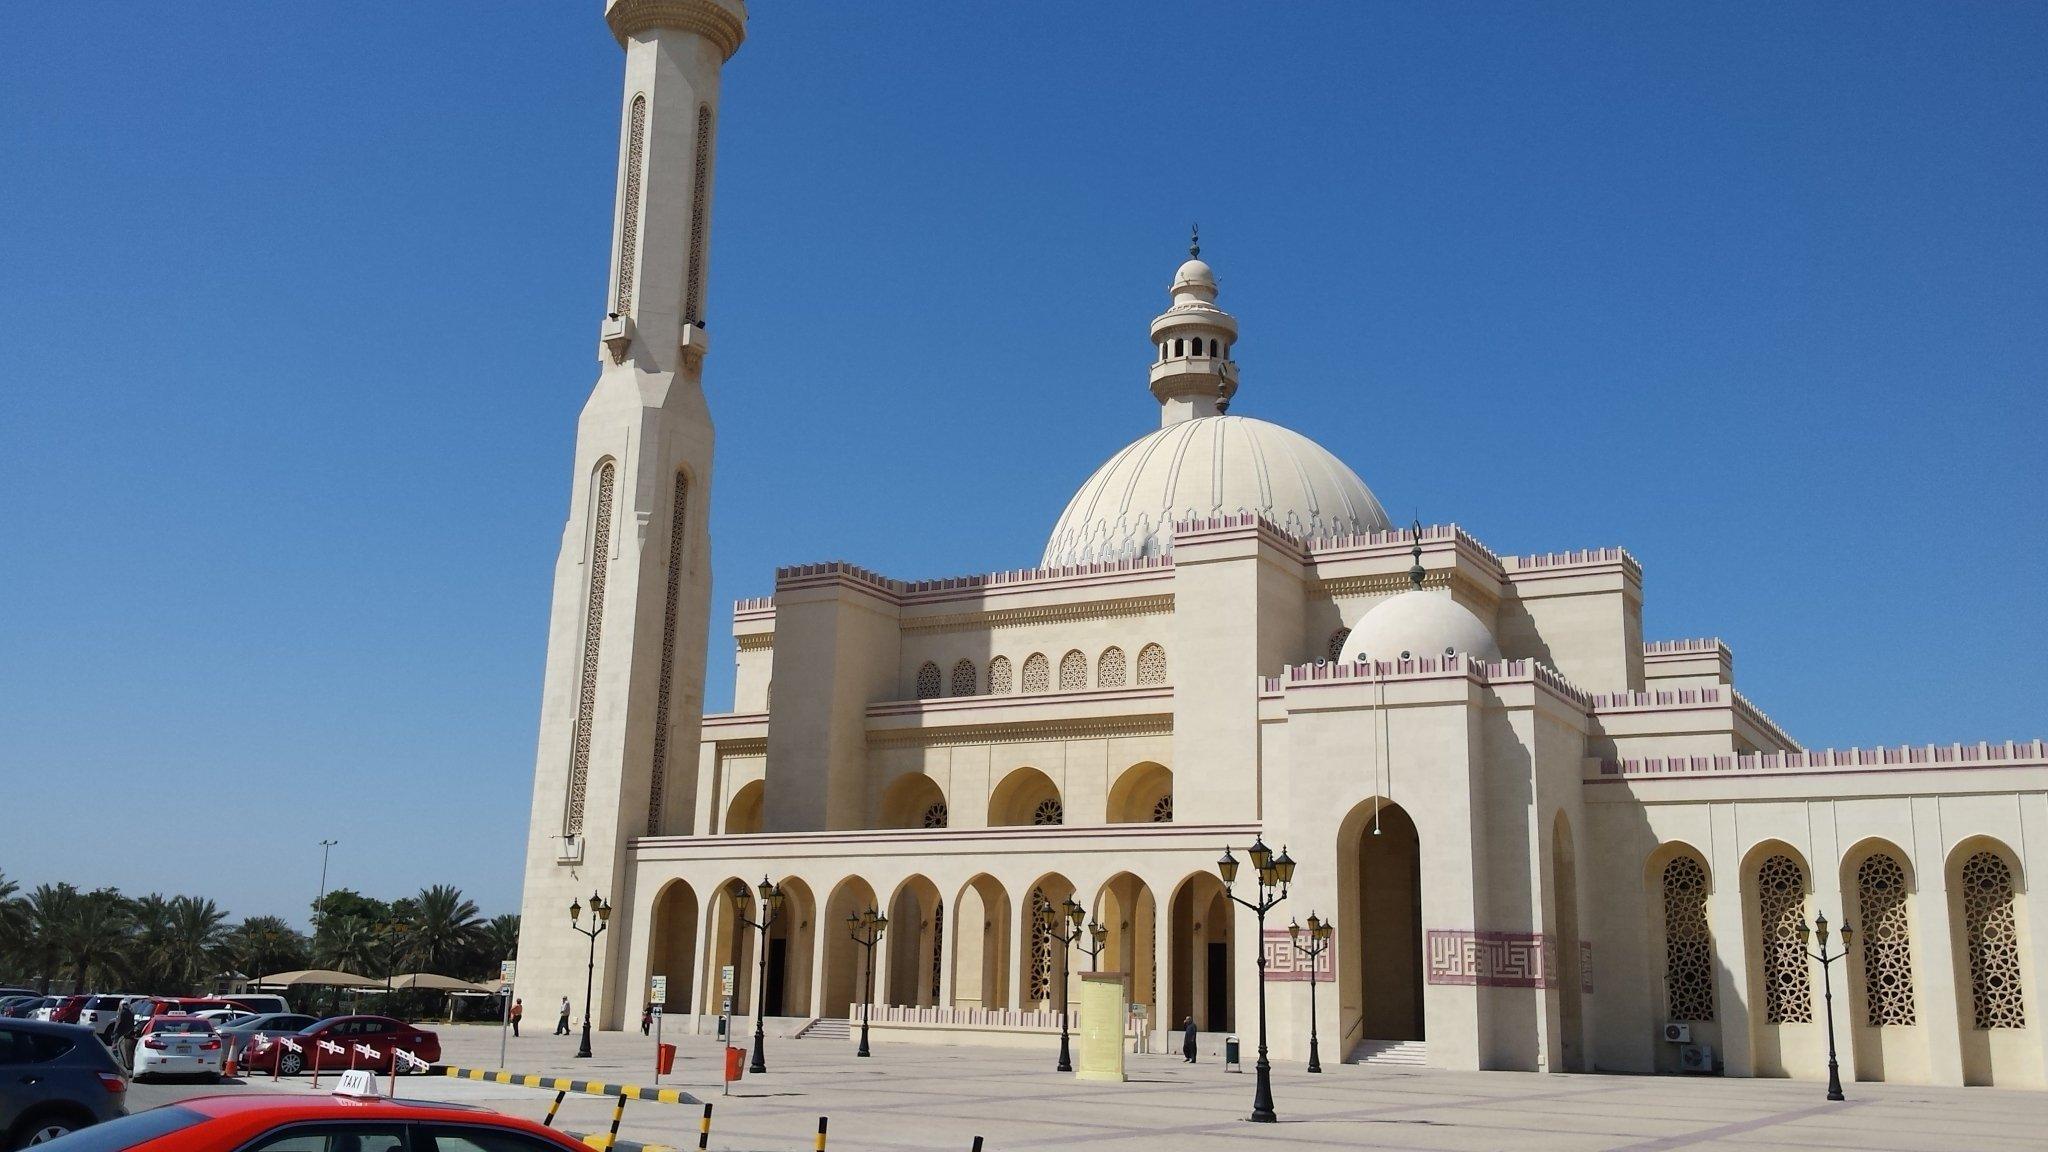 Мечеть Аль-Фатиха (Великая мечеть)